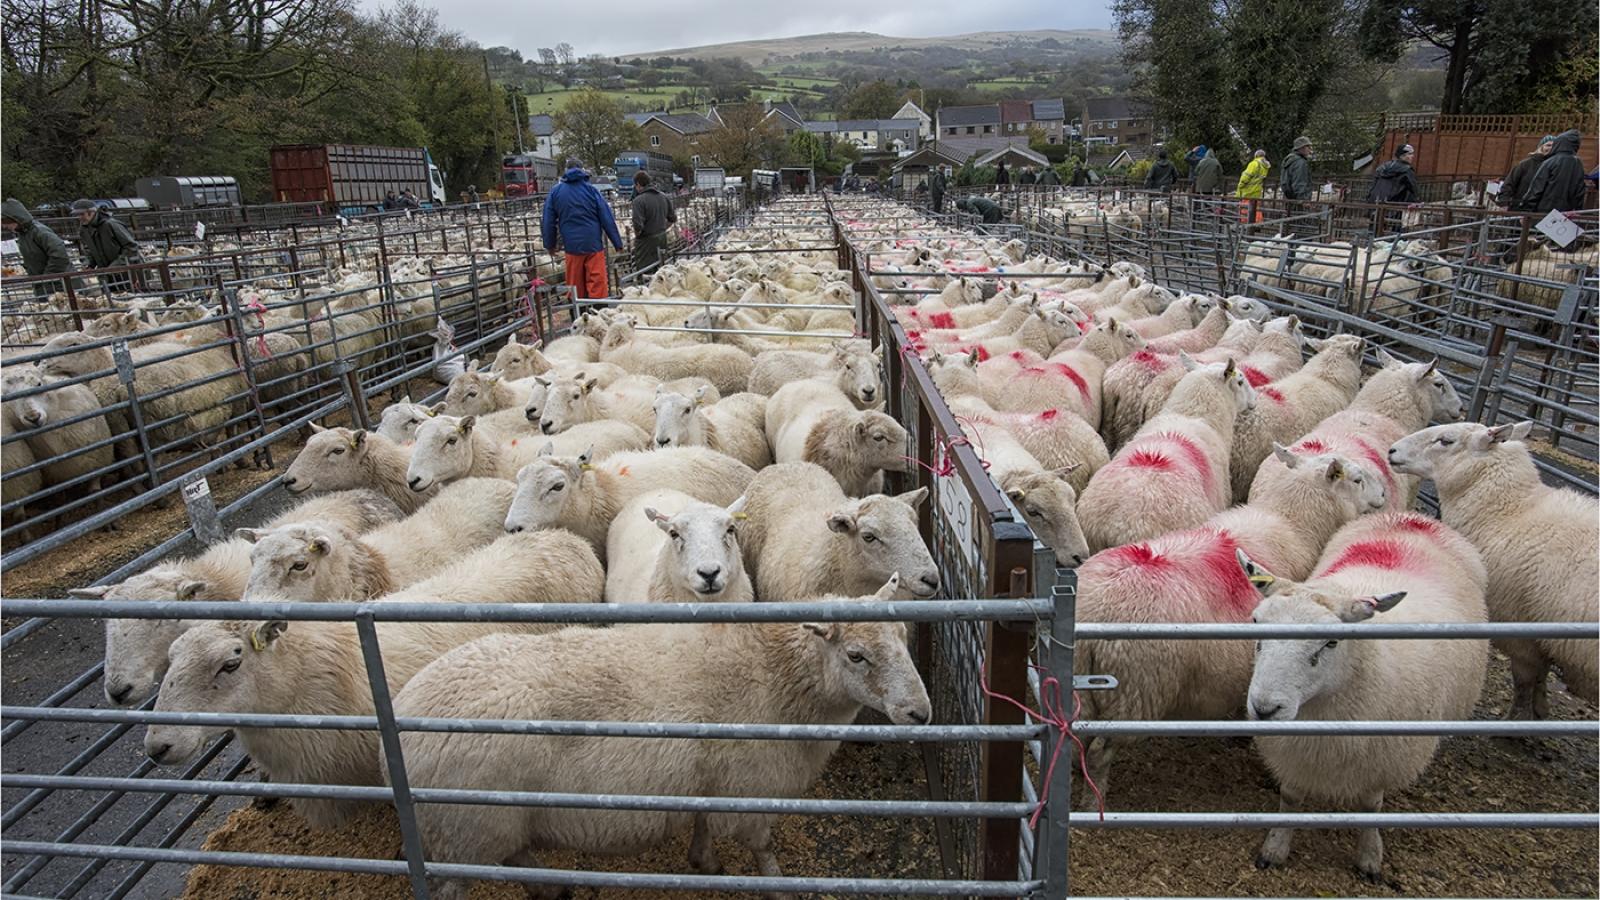 14. Penderyn Sheep Market